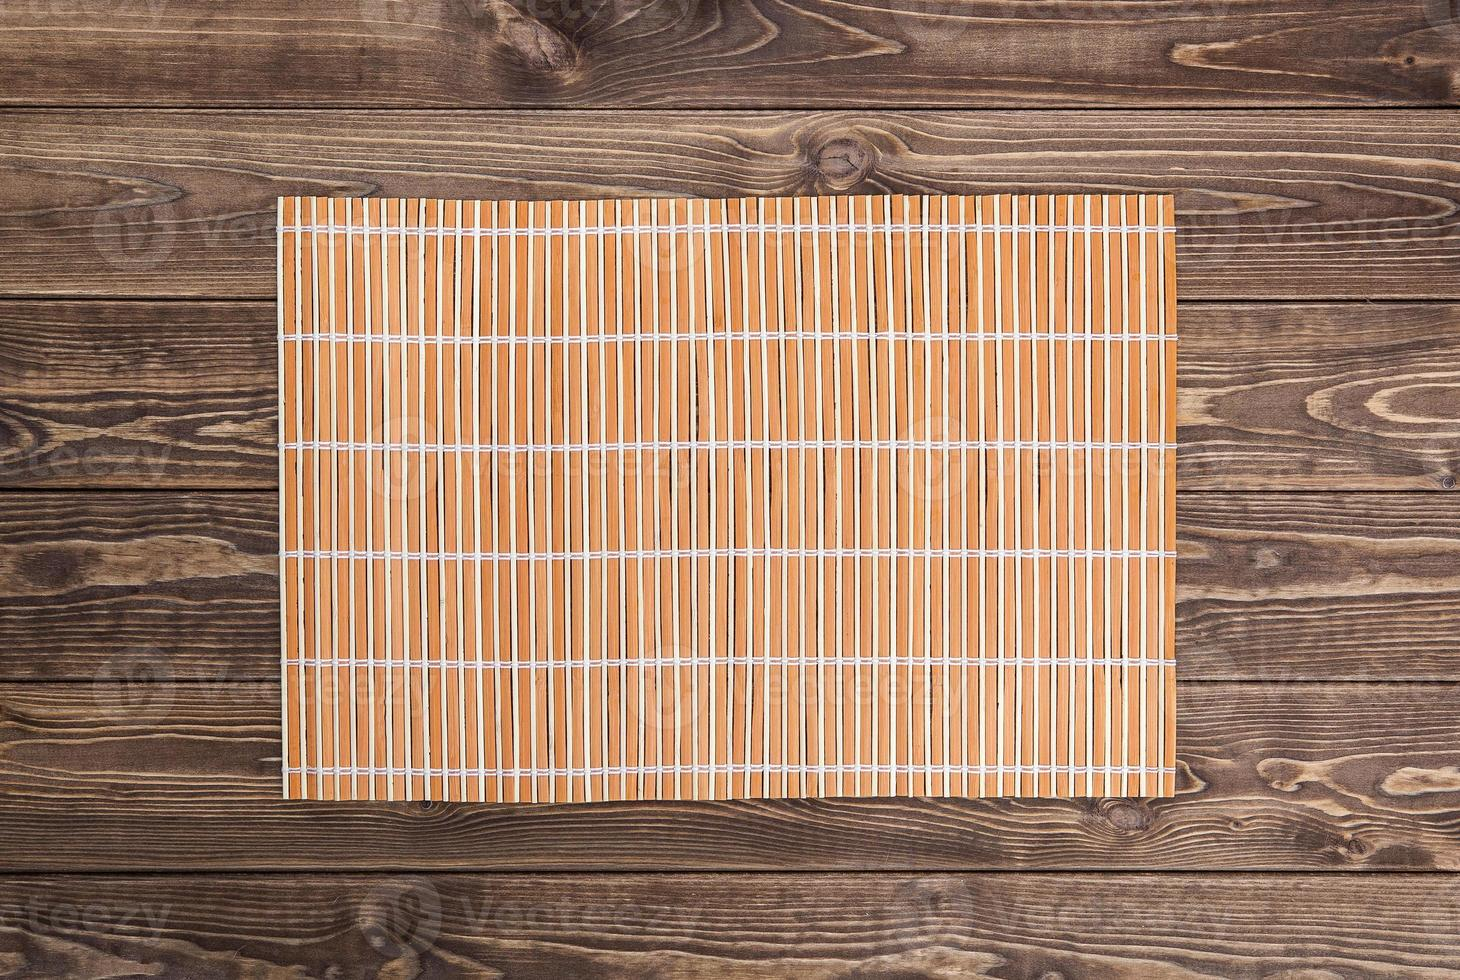 serviette en bambou sur table en bois. vue de dessus photo